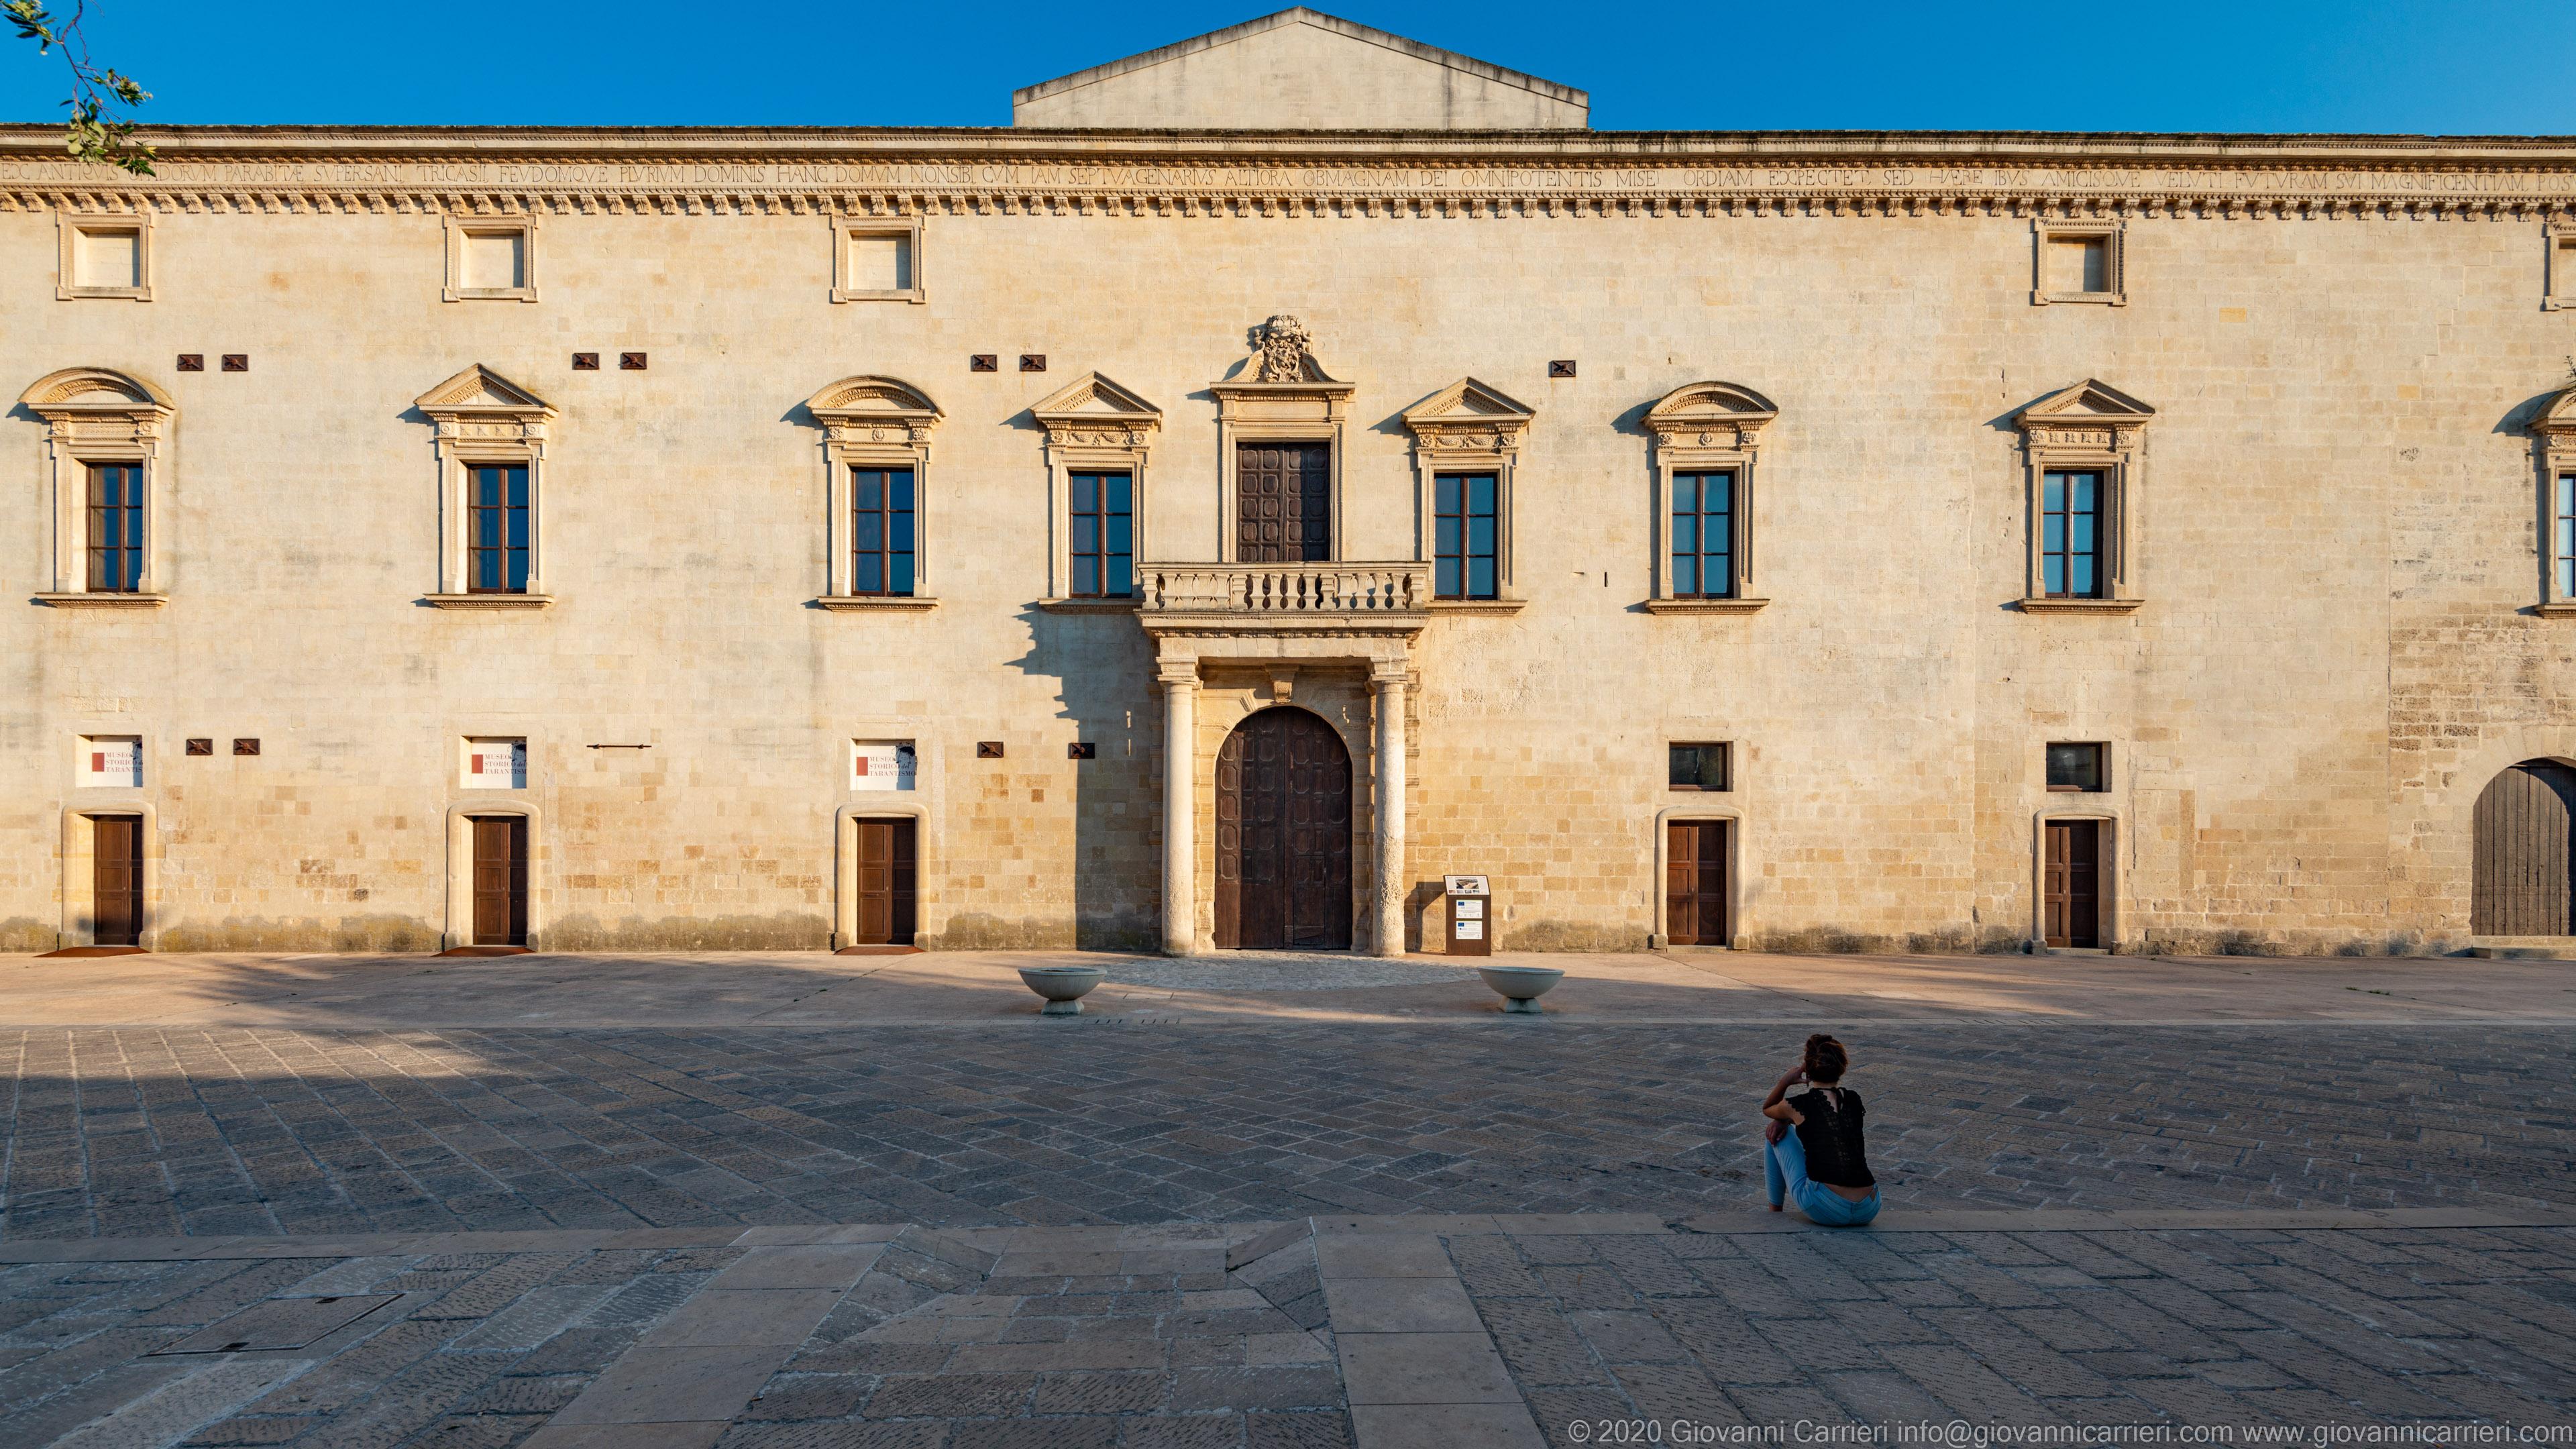 Palazzo Marchesale Vista frontale del Palazzo Marchesale Castriota, risalente al 1636, di gusto rinascimentale.